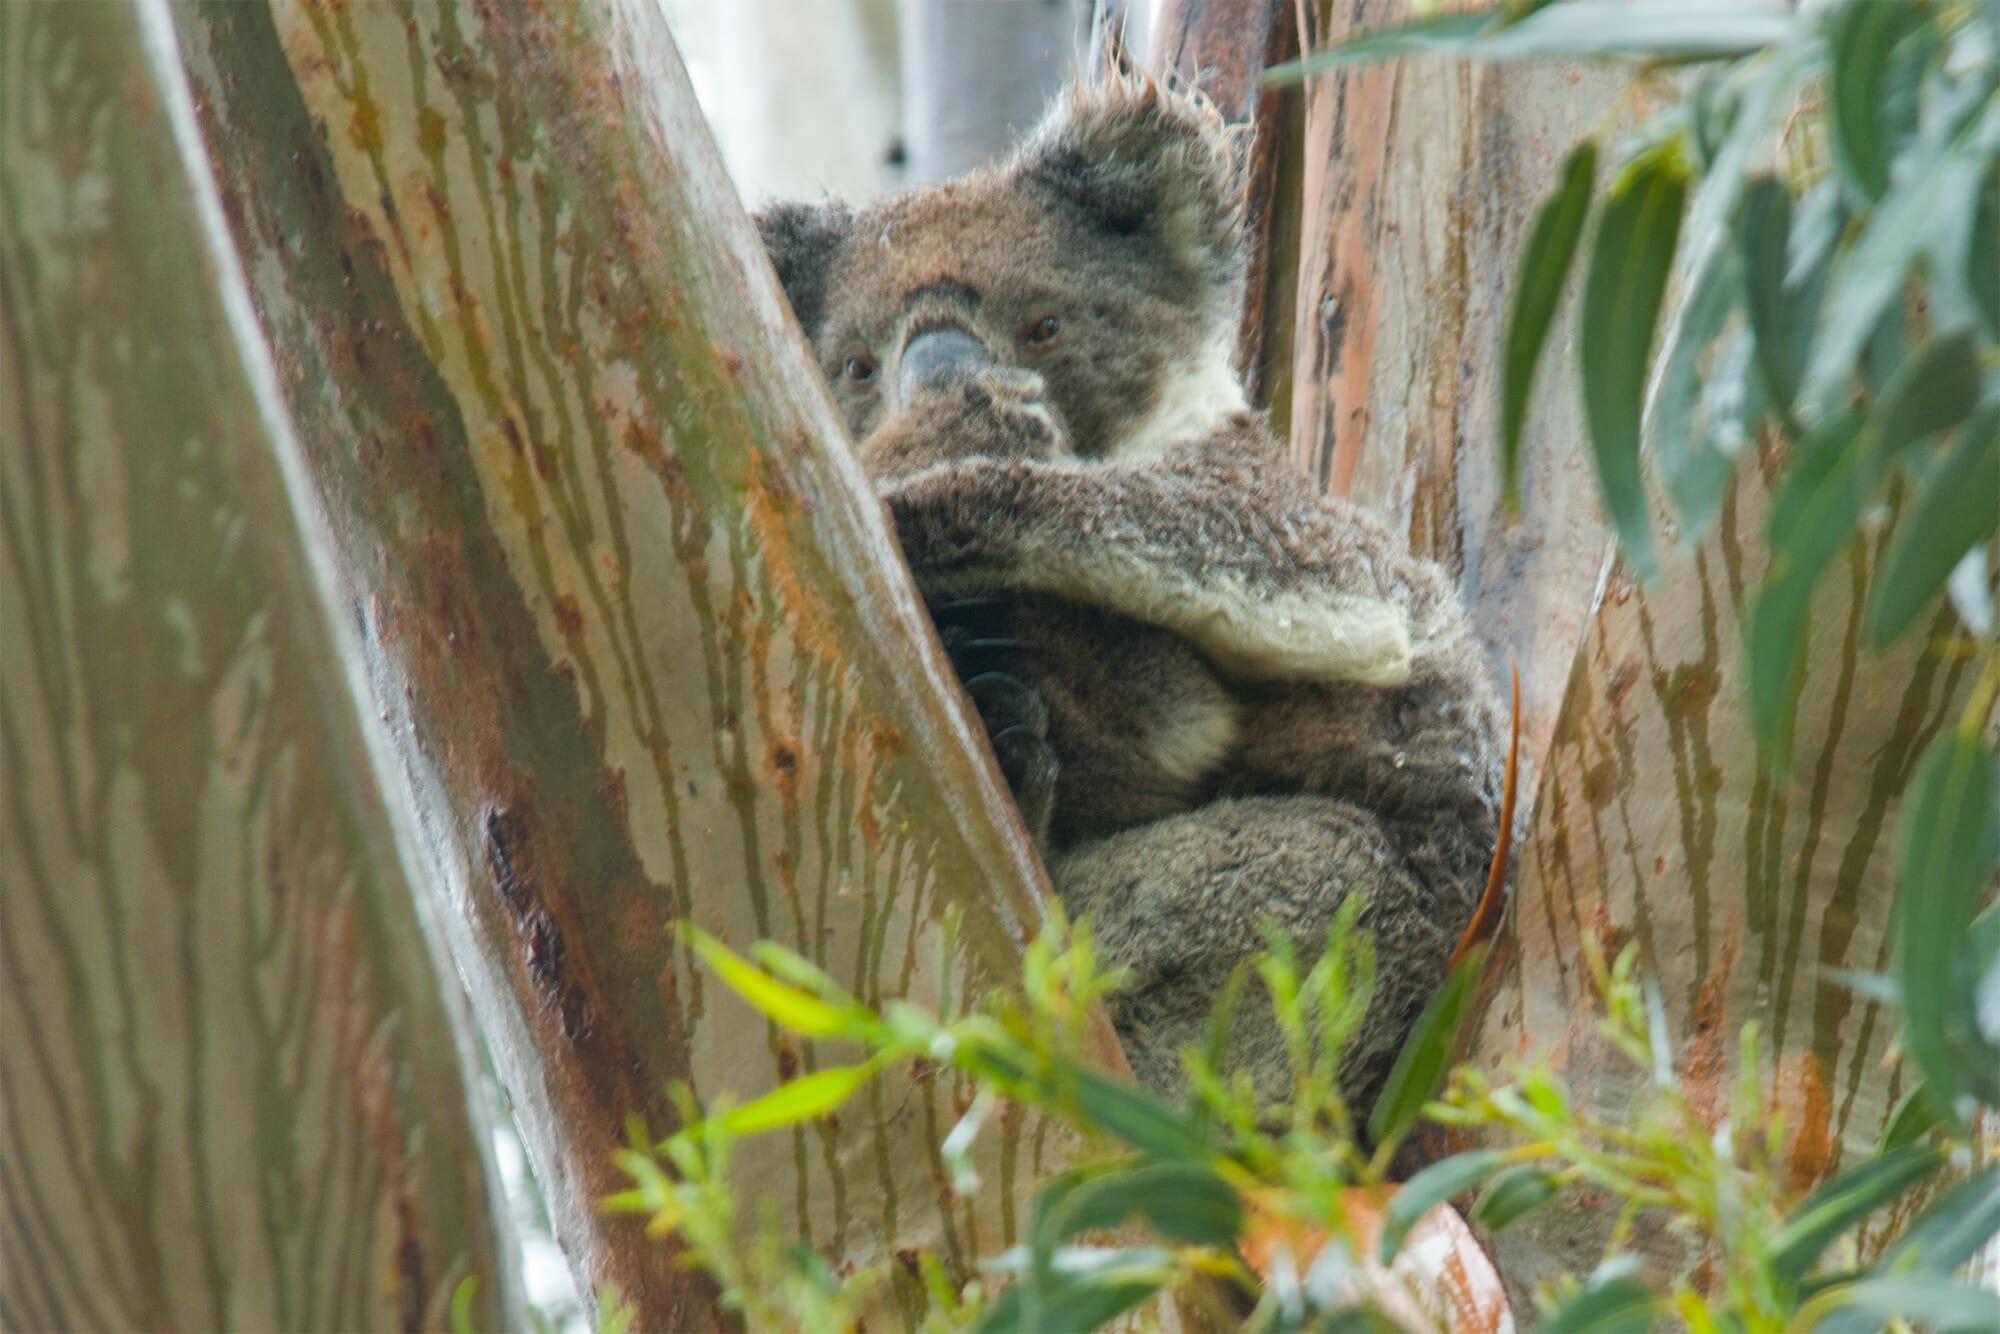 'Kyle'' the koala